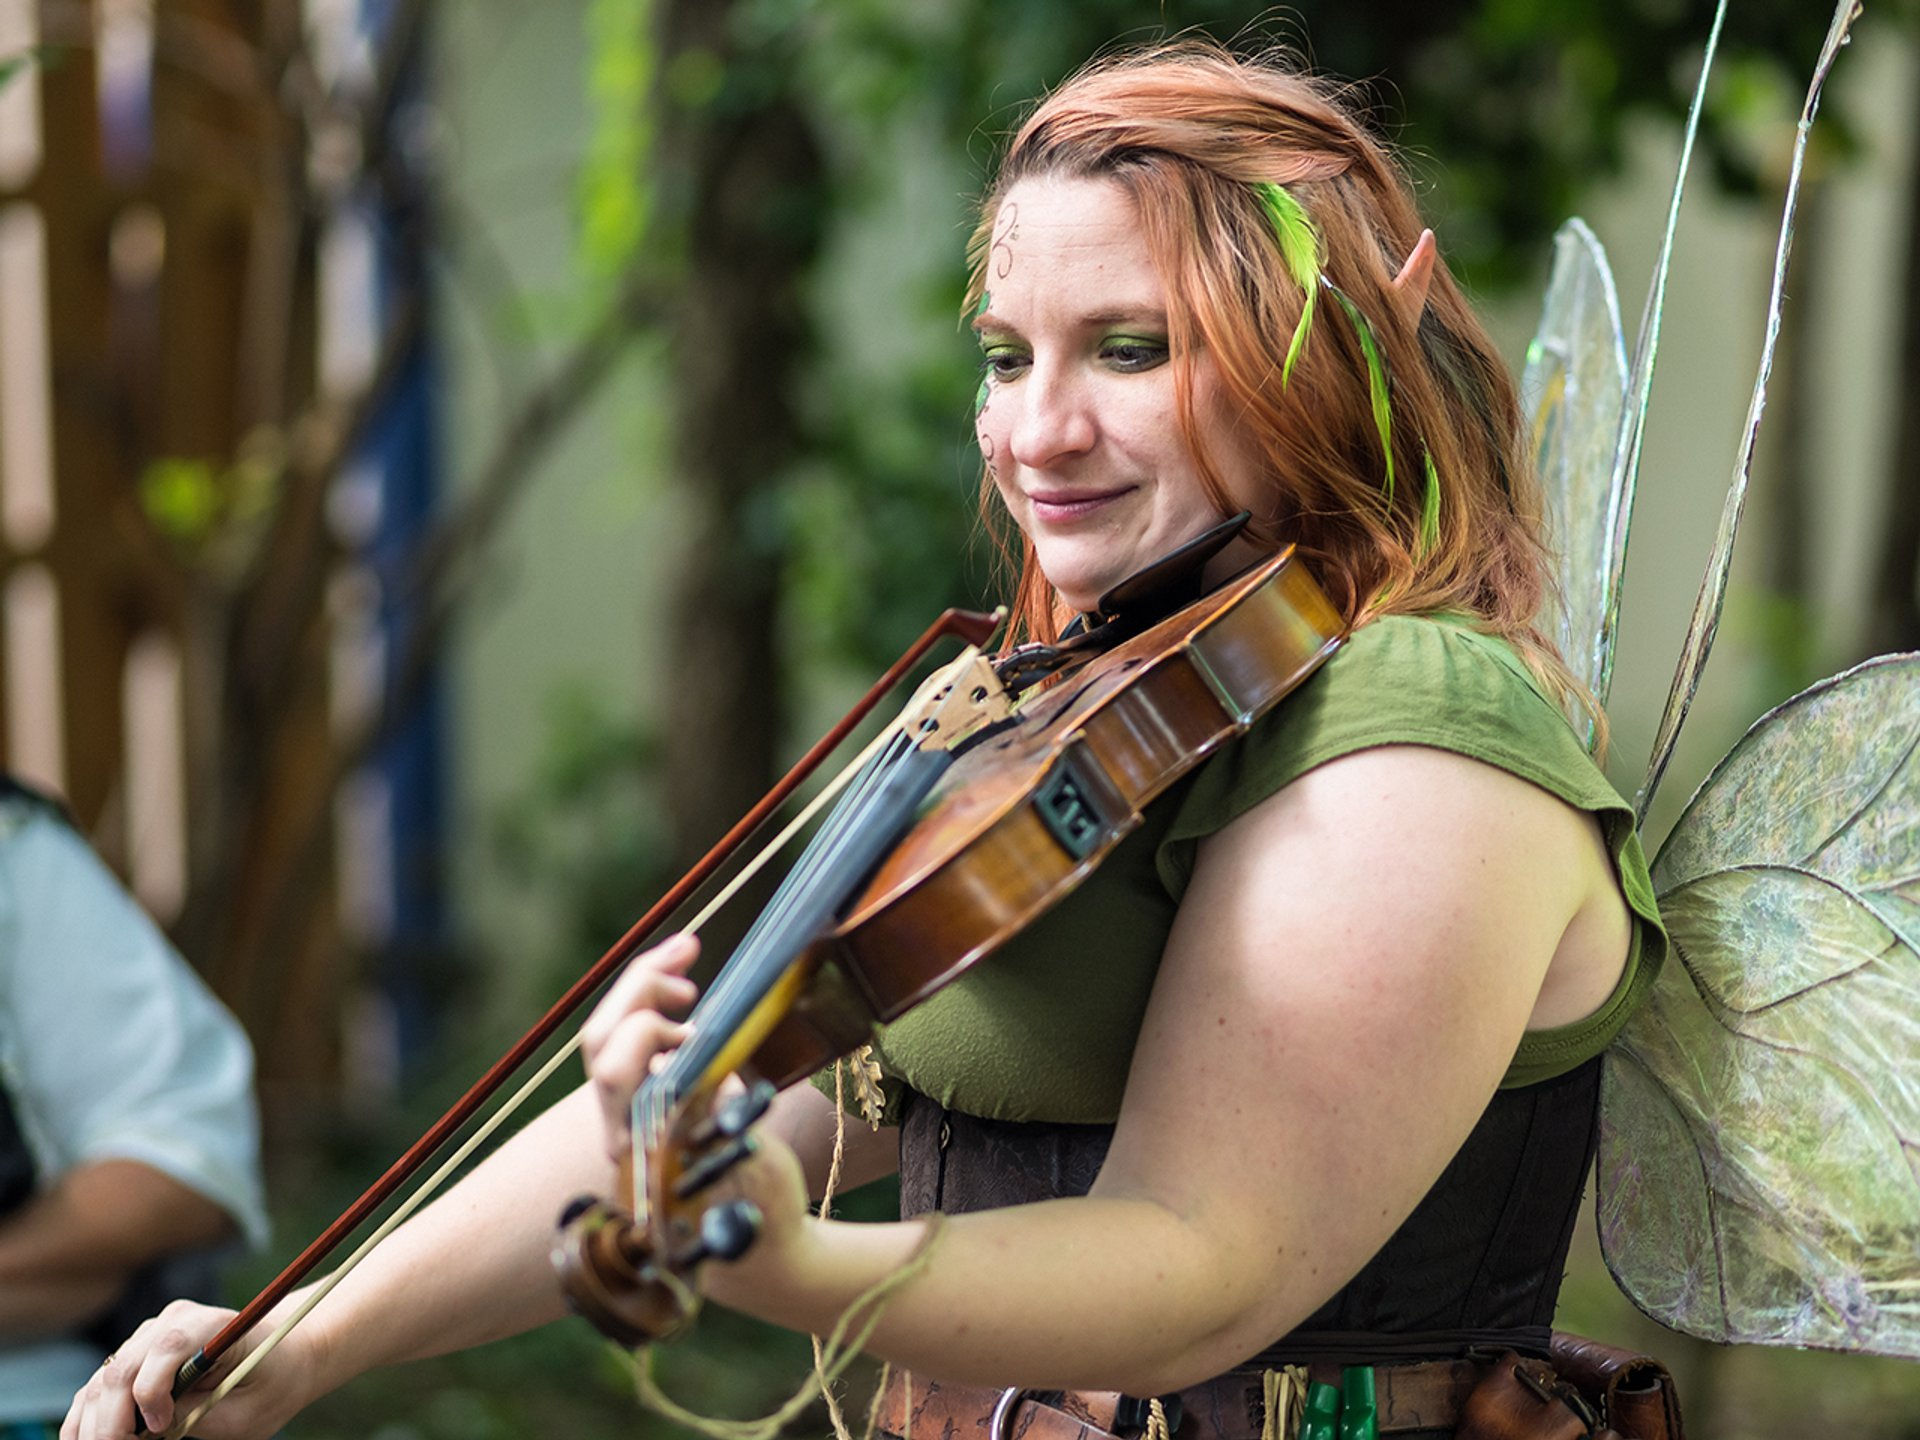 Kentucky Highland Renaissance Festival in Kentucky 2020 - Best Time